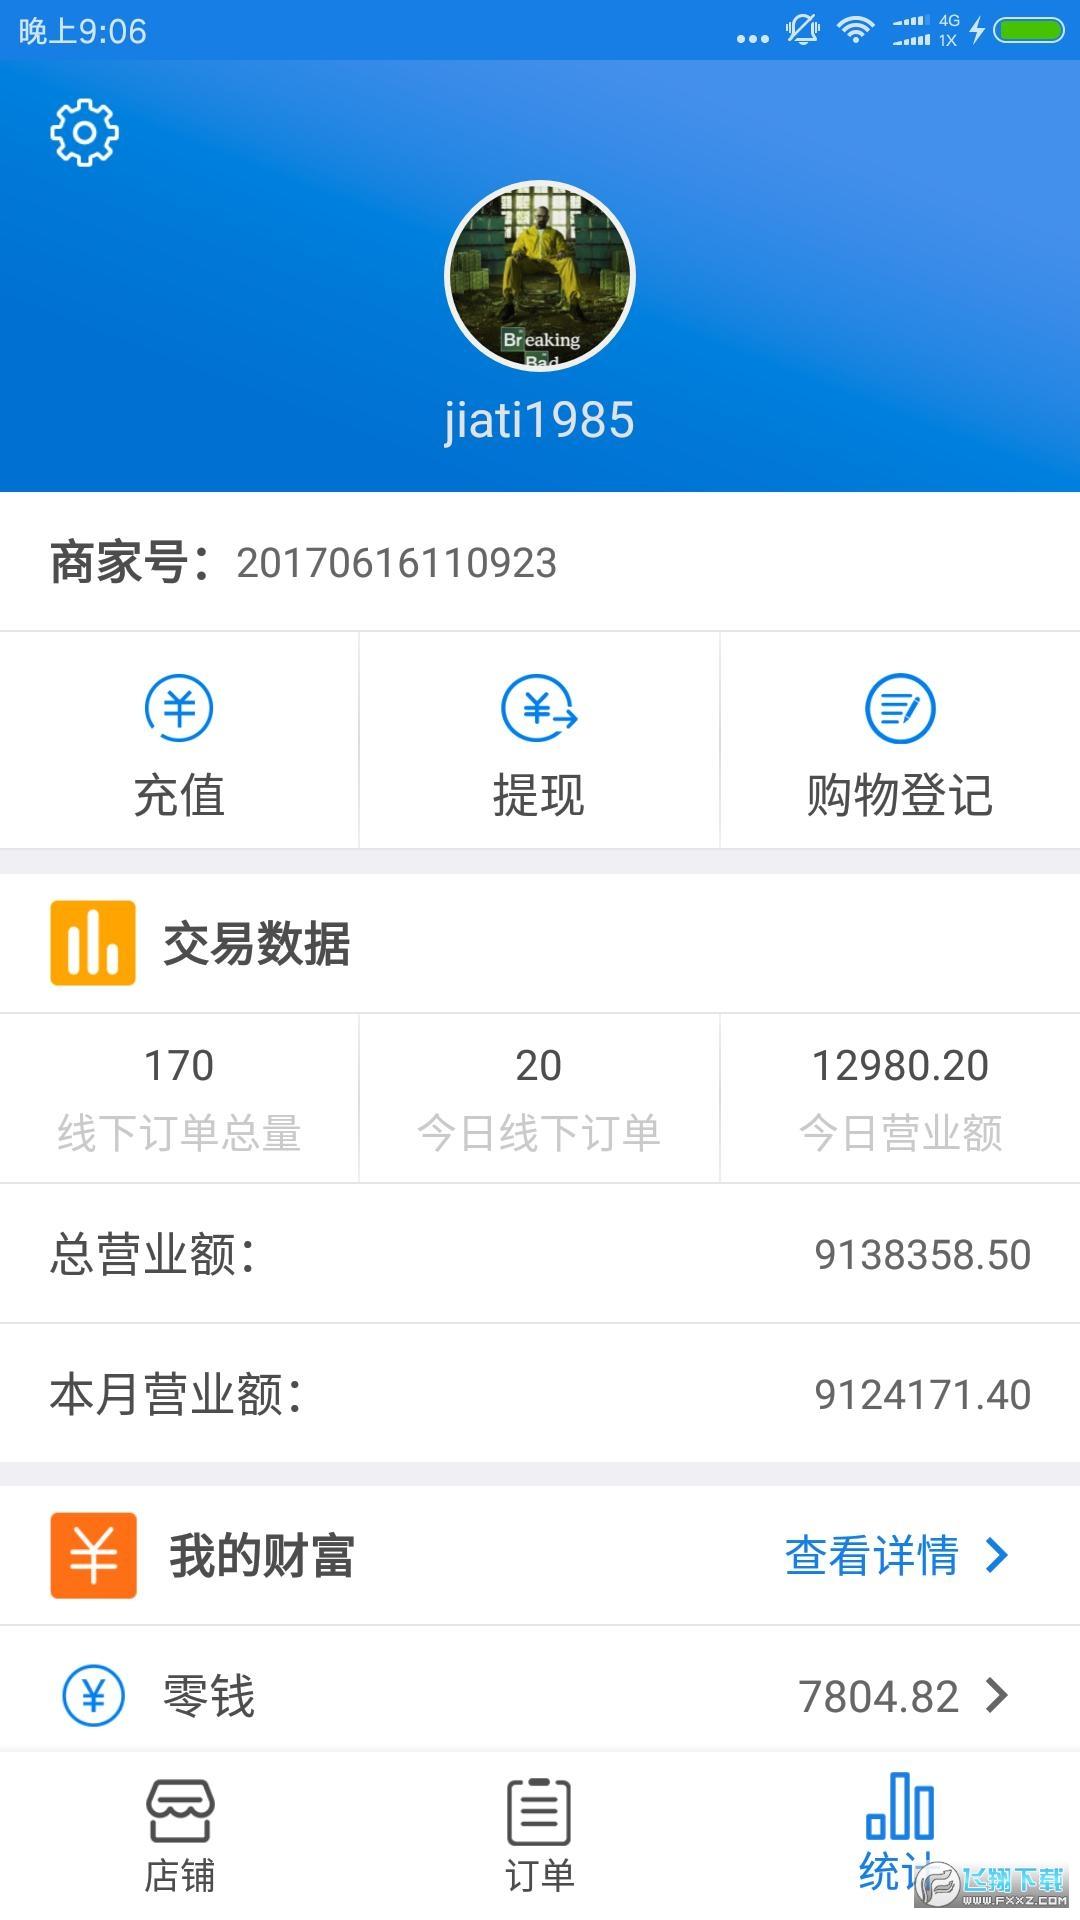 福到店app安卓版1.0.5最新版截图2